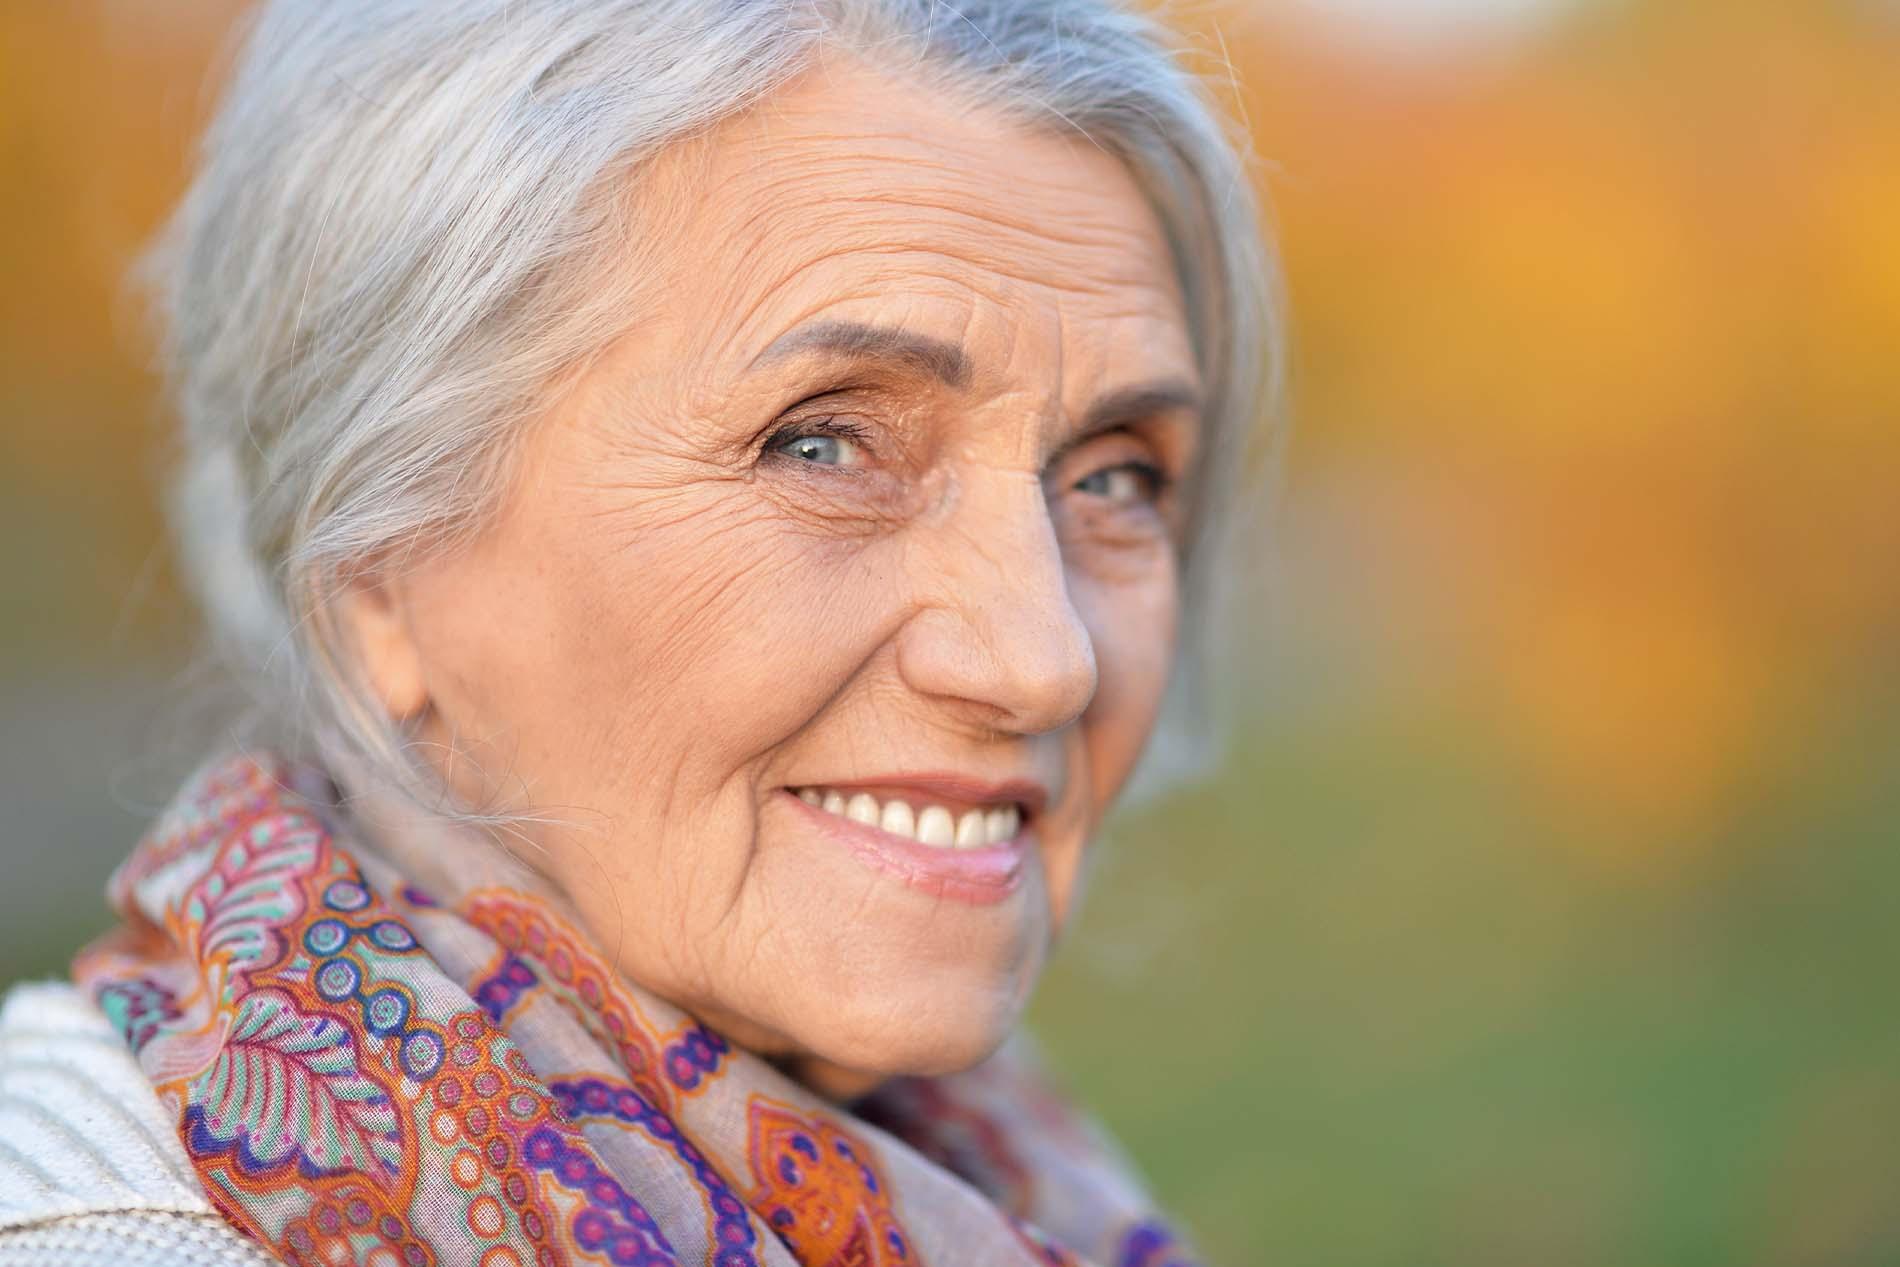 Old Women Smiling